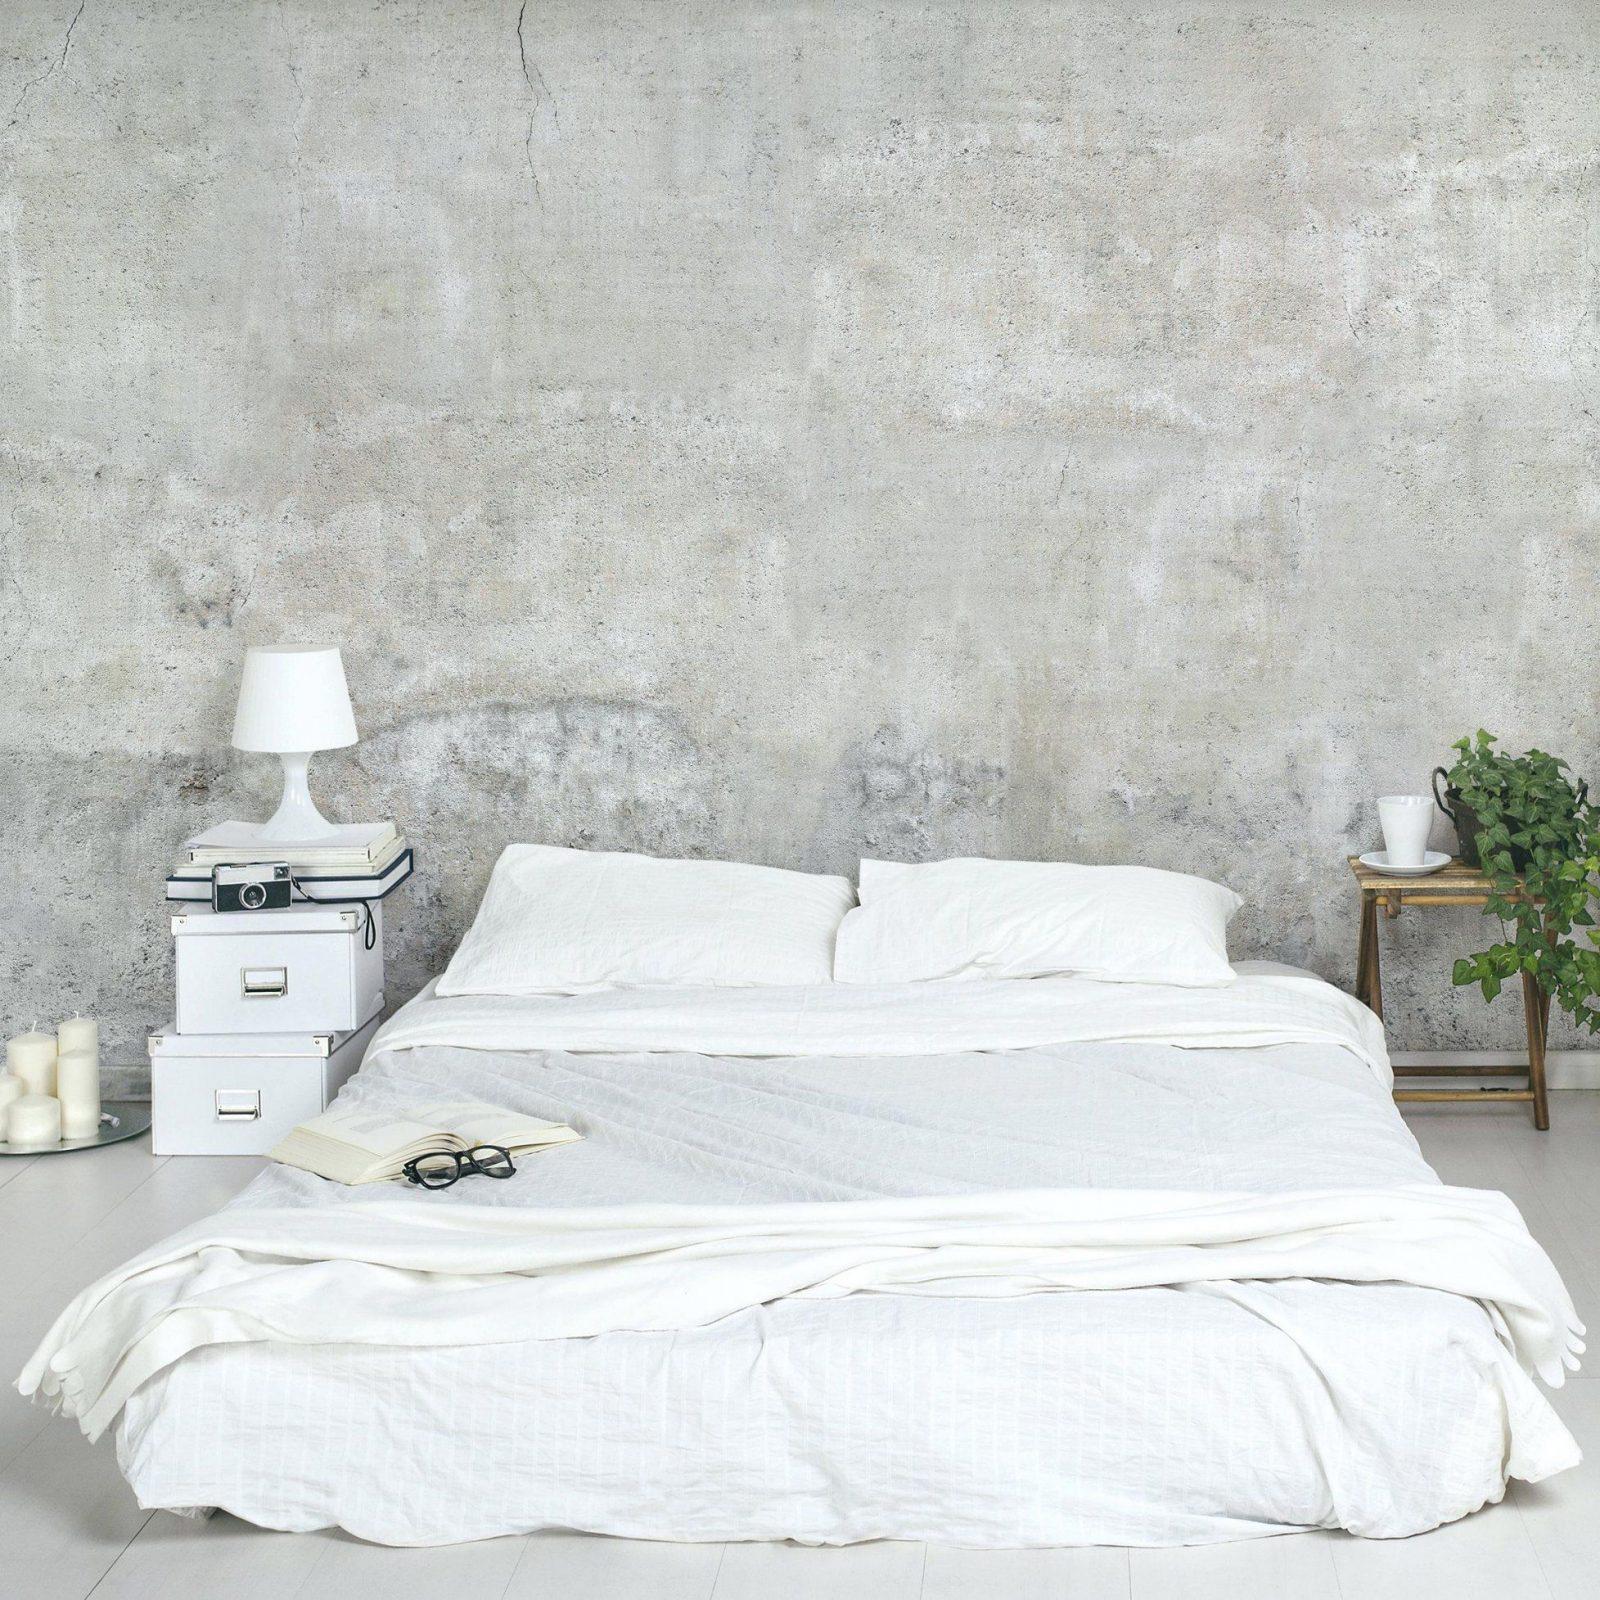 Tapete Gestalten Wande Ohne Frisch Beton Vliestapete Shabby von Wände Gestalten Ohne Tapete Bild